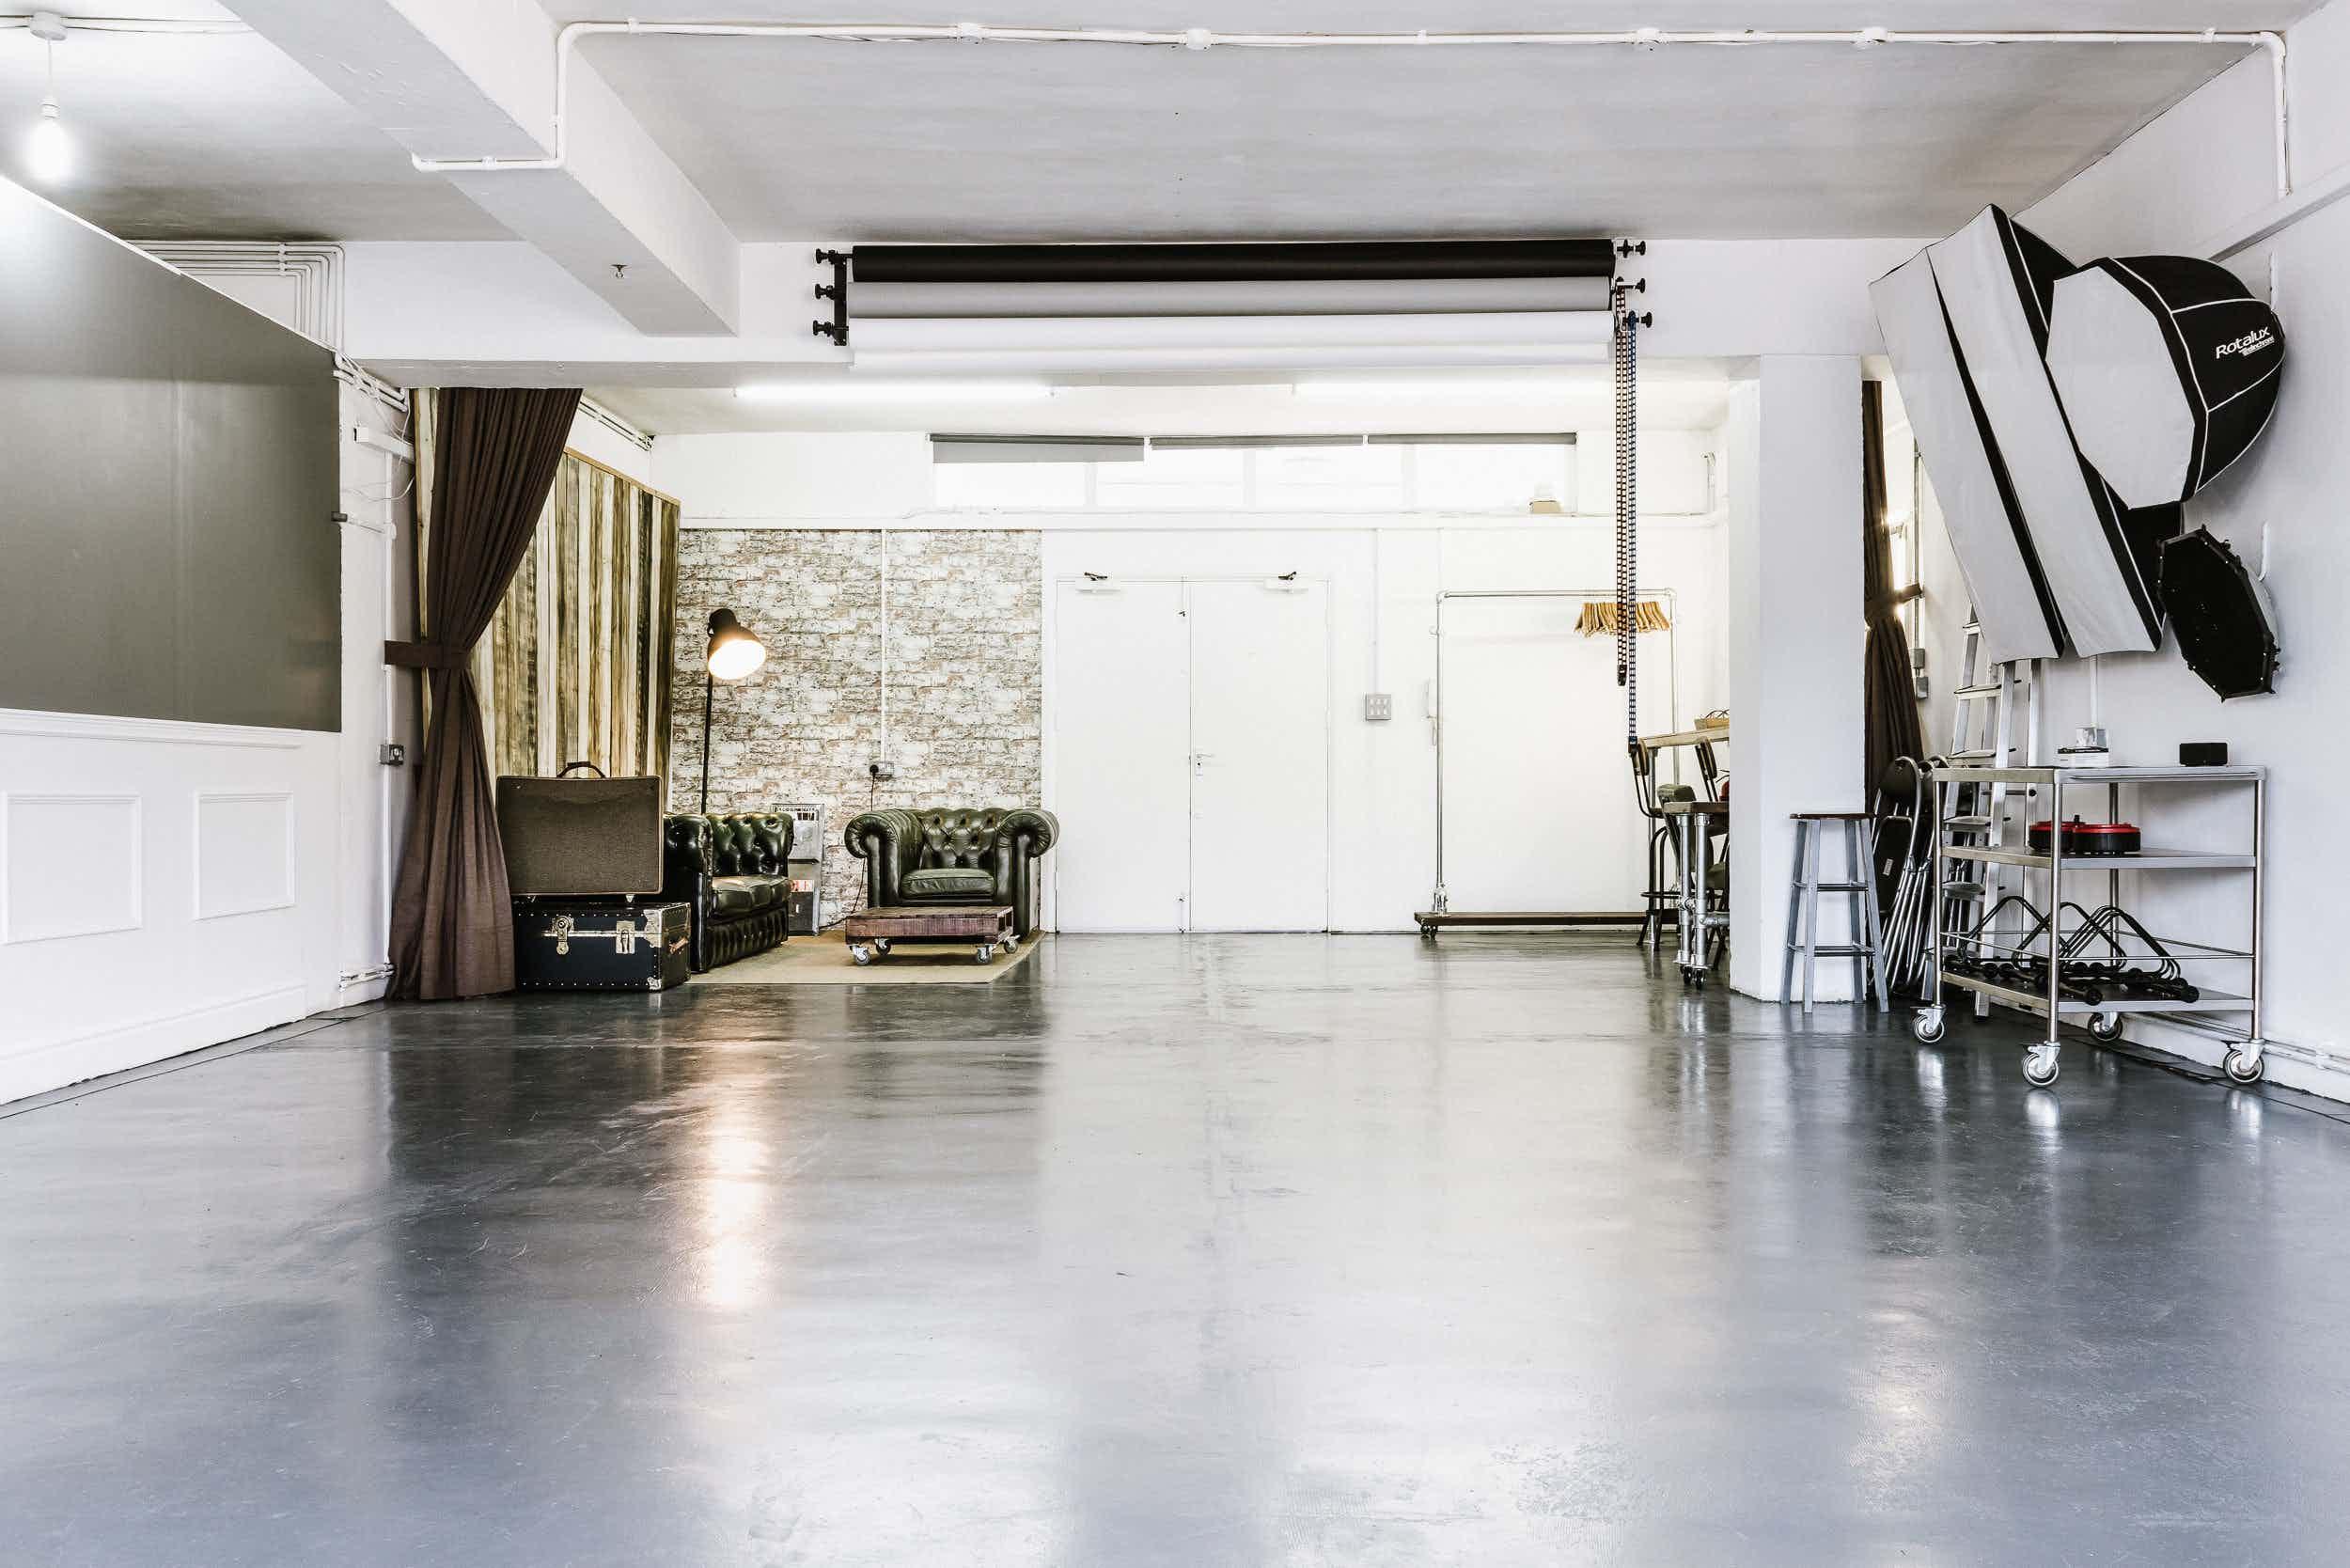 Photography - Filming - Event venue, 69 drops Studio 1